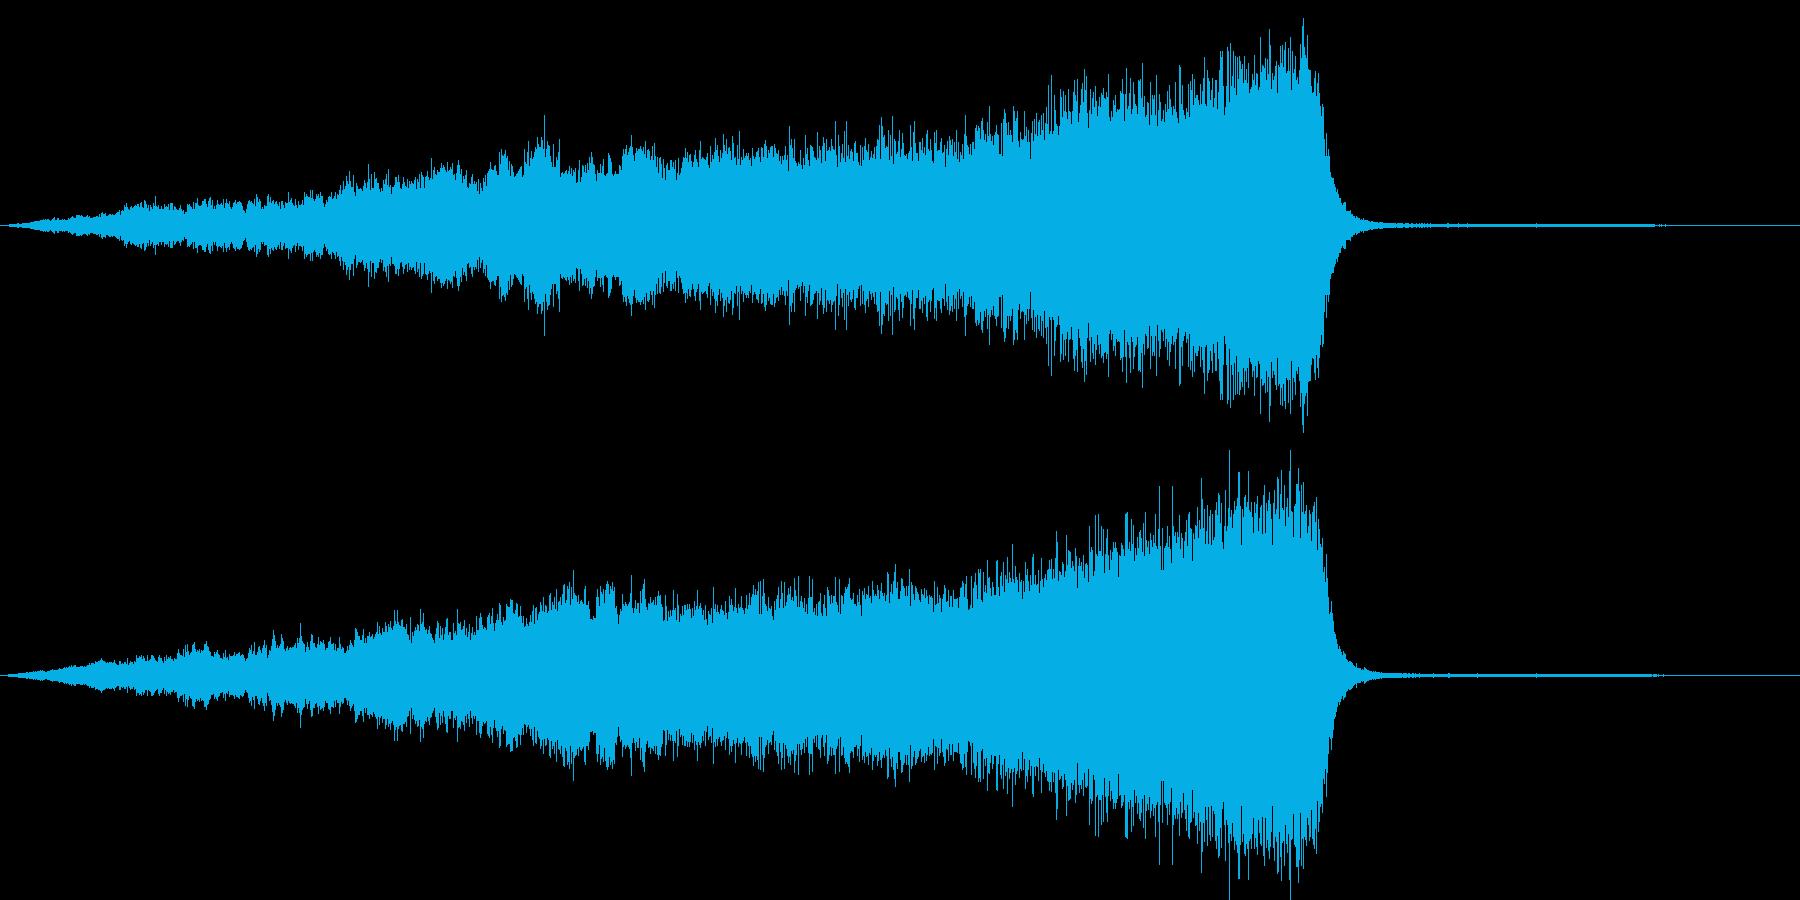 CINEATIC RISER(SF)の再生済みの波形